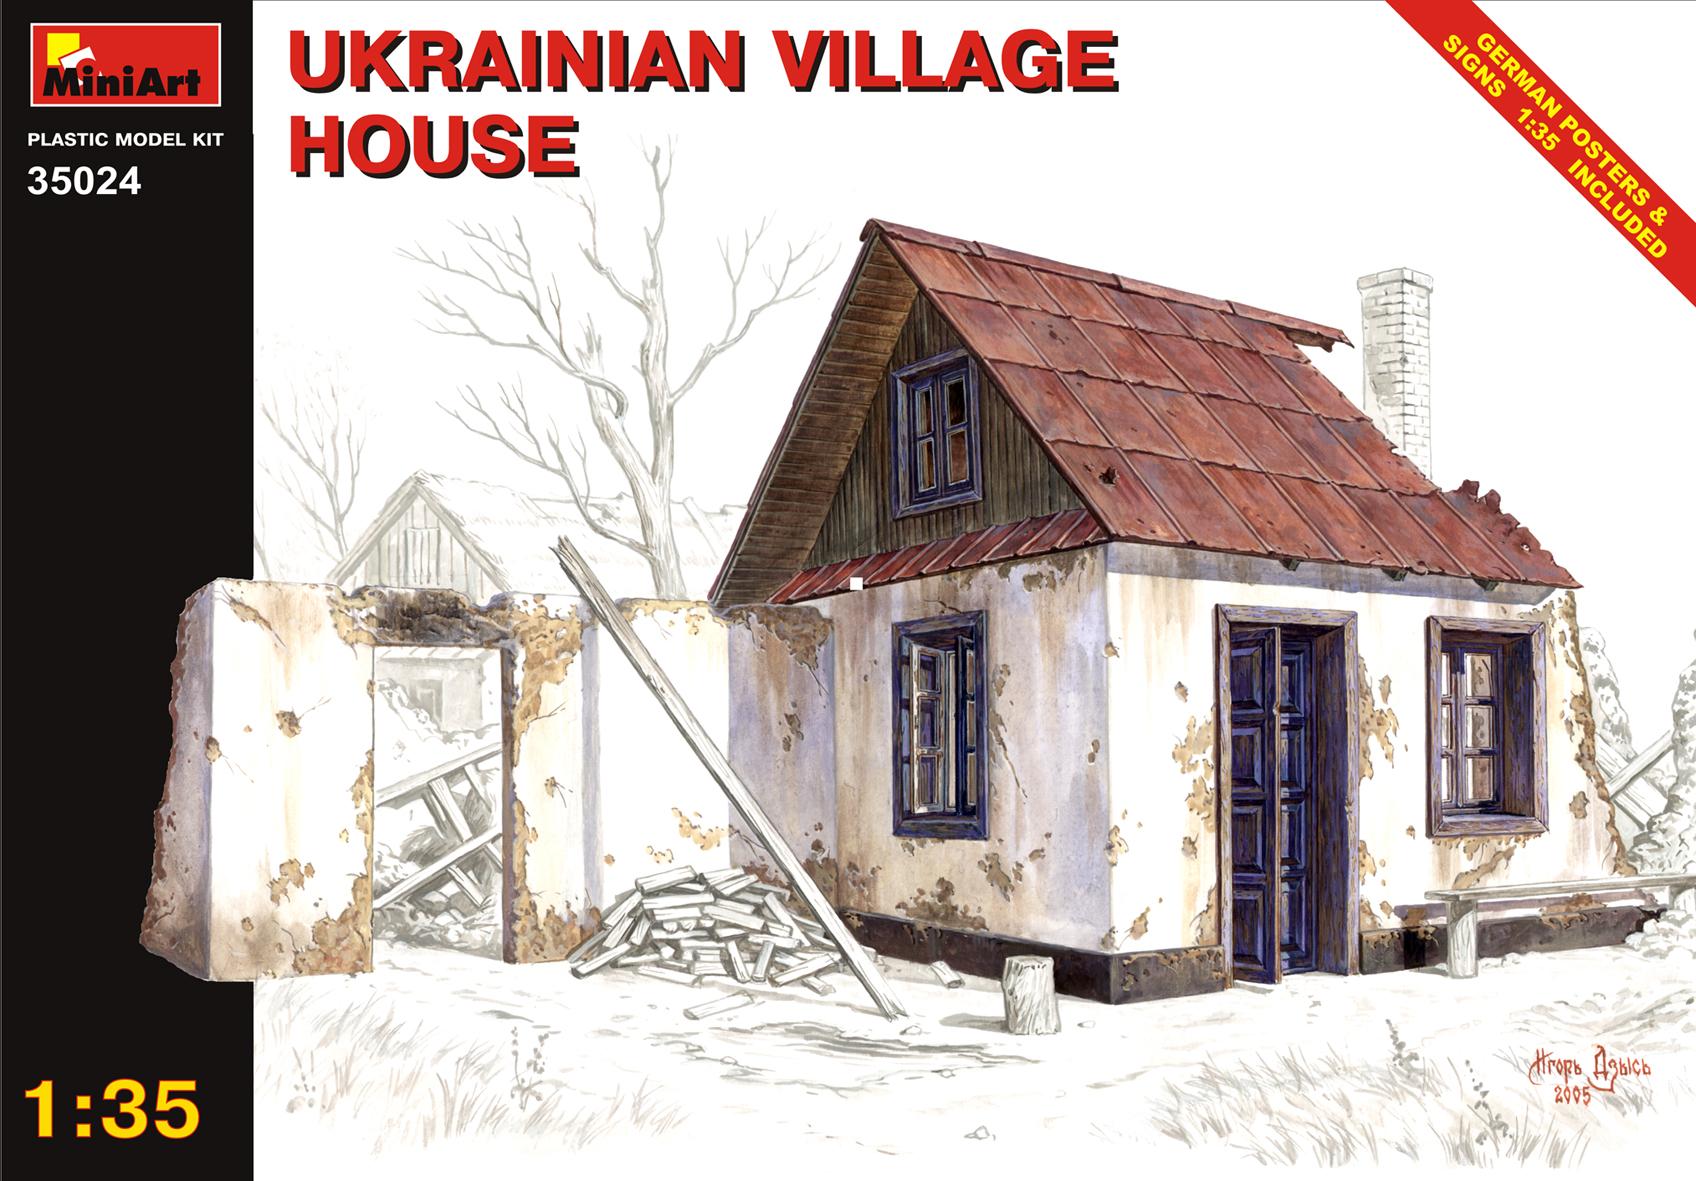 UKRAINIAN VILLAGE HOUSE